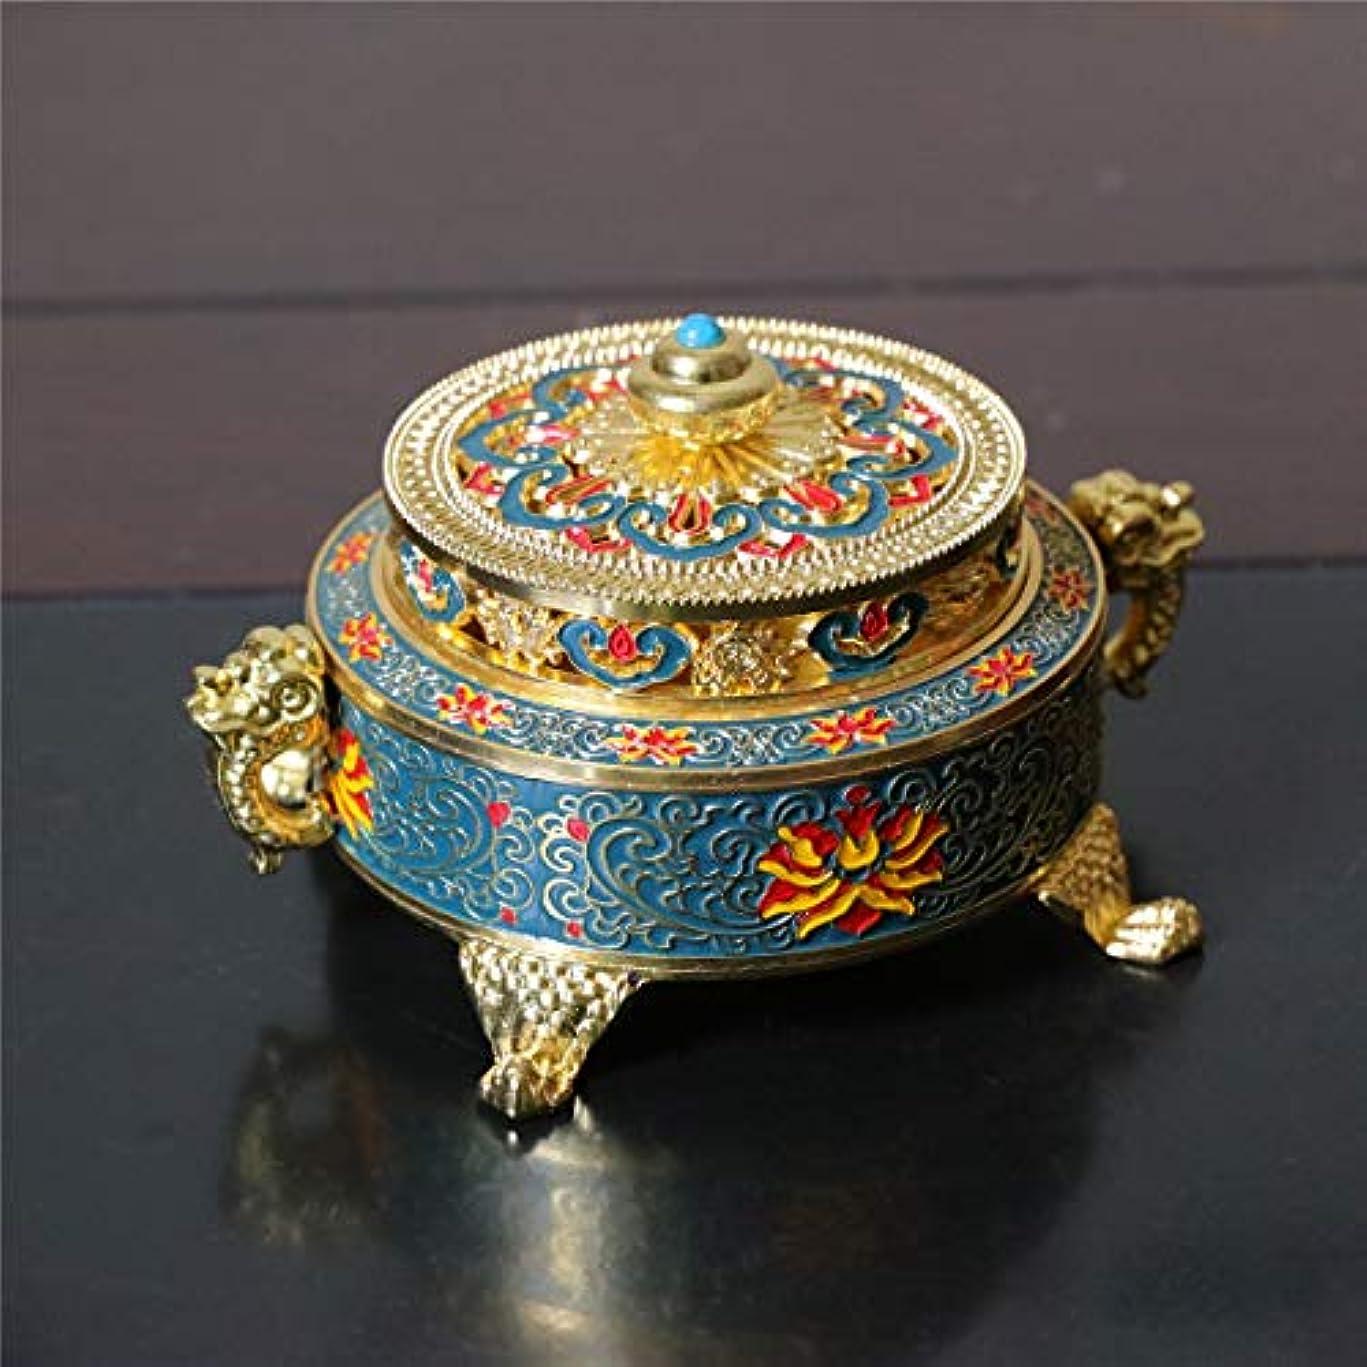 放つ椅子略すPHILOGOD 香炉 美しく印刷渦巻き線香 香立て 仏壇用 香皿 (Blue Enamel)